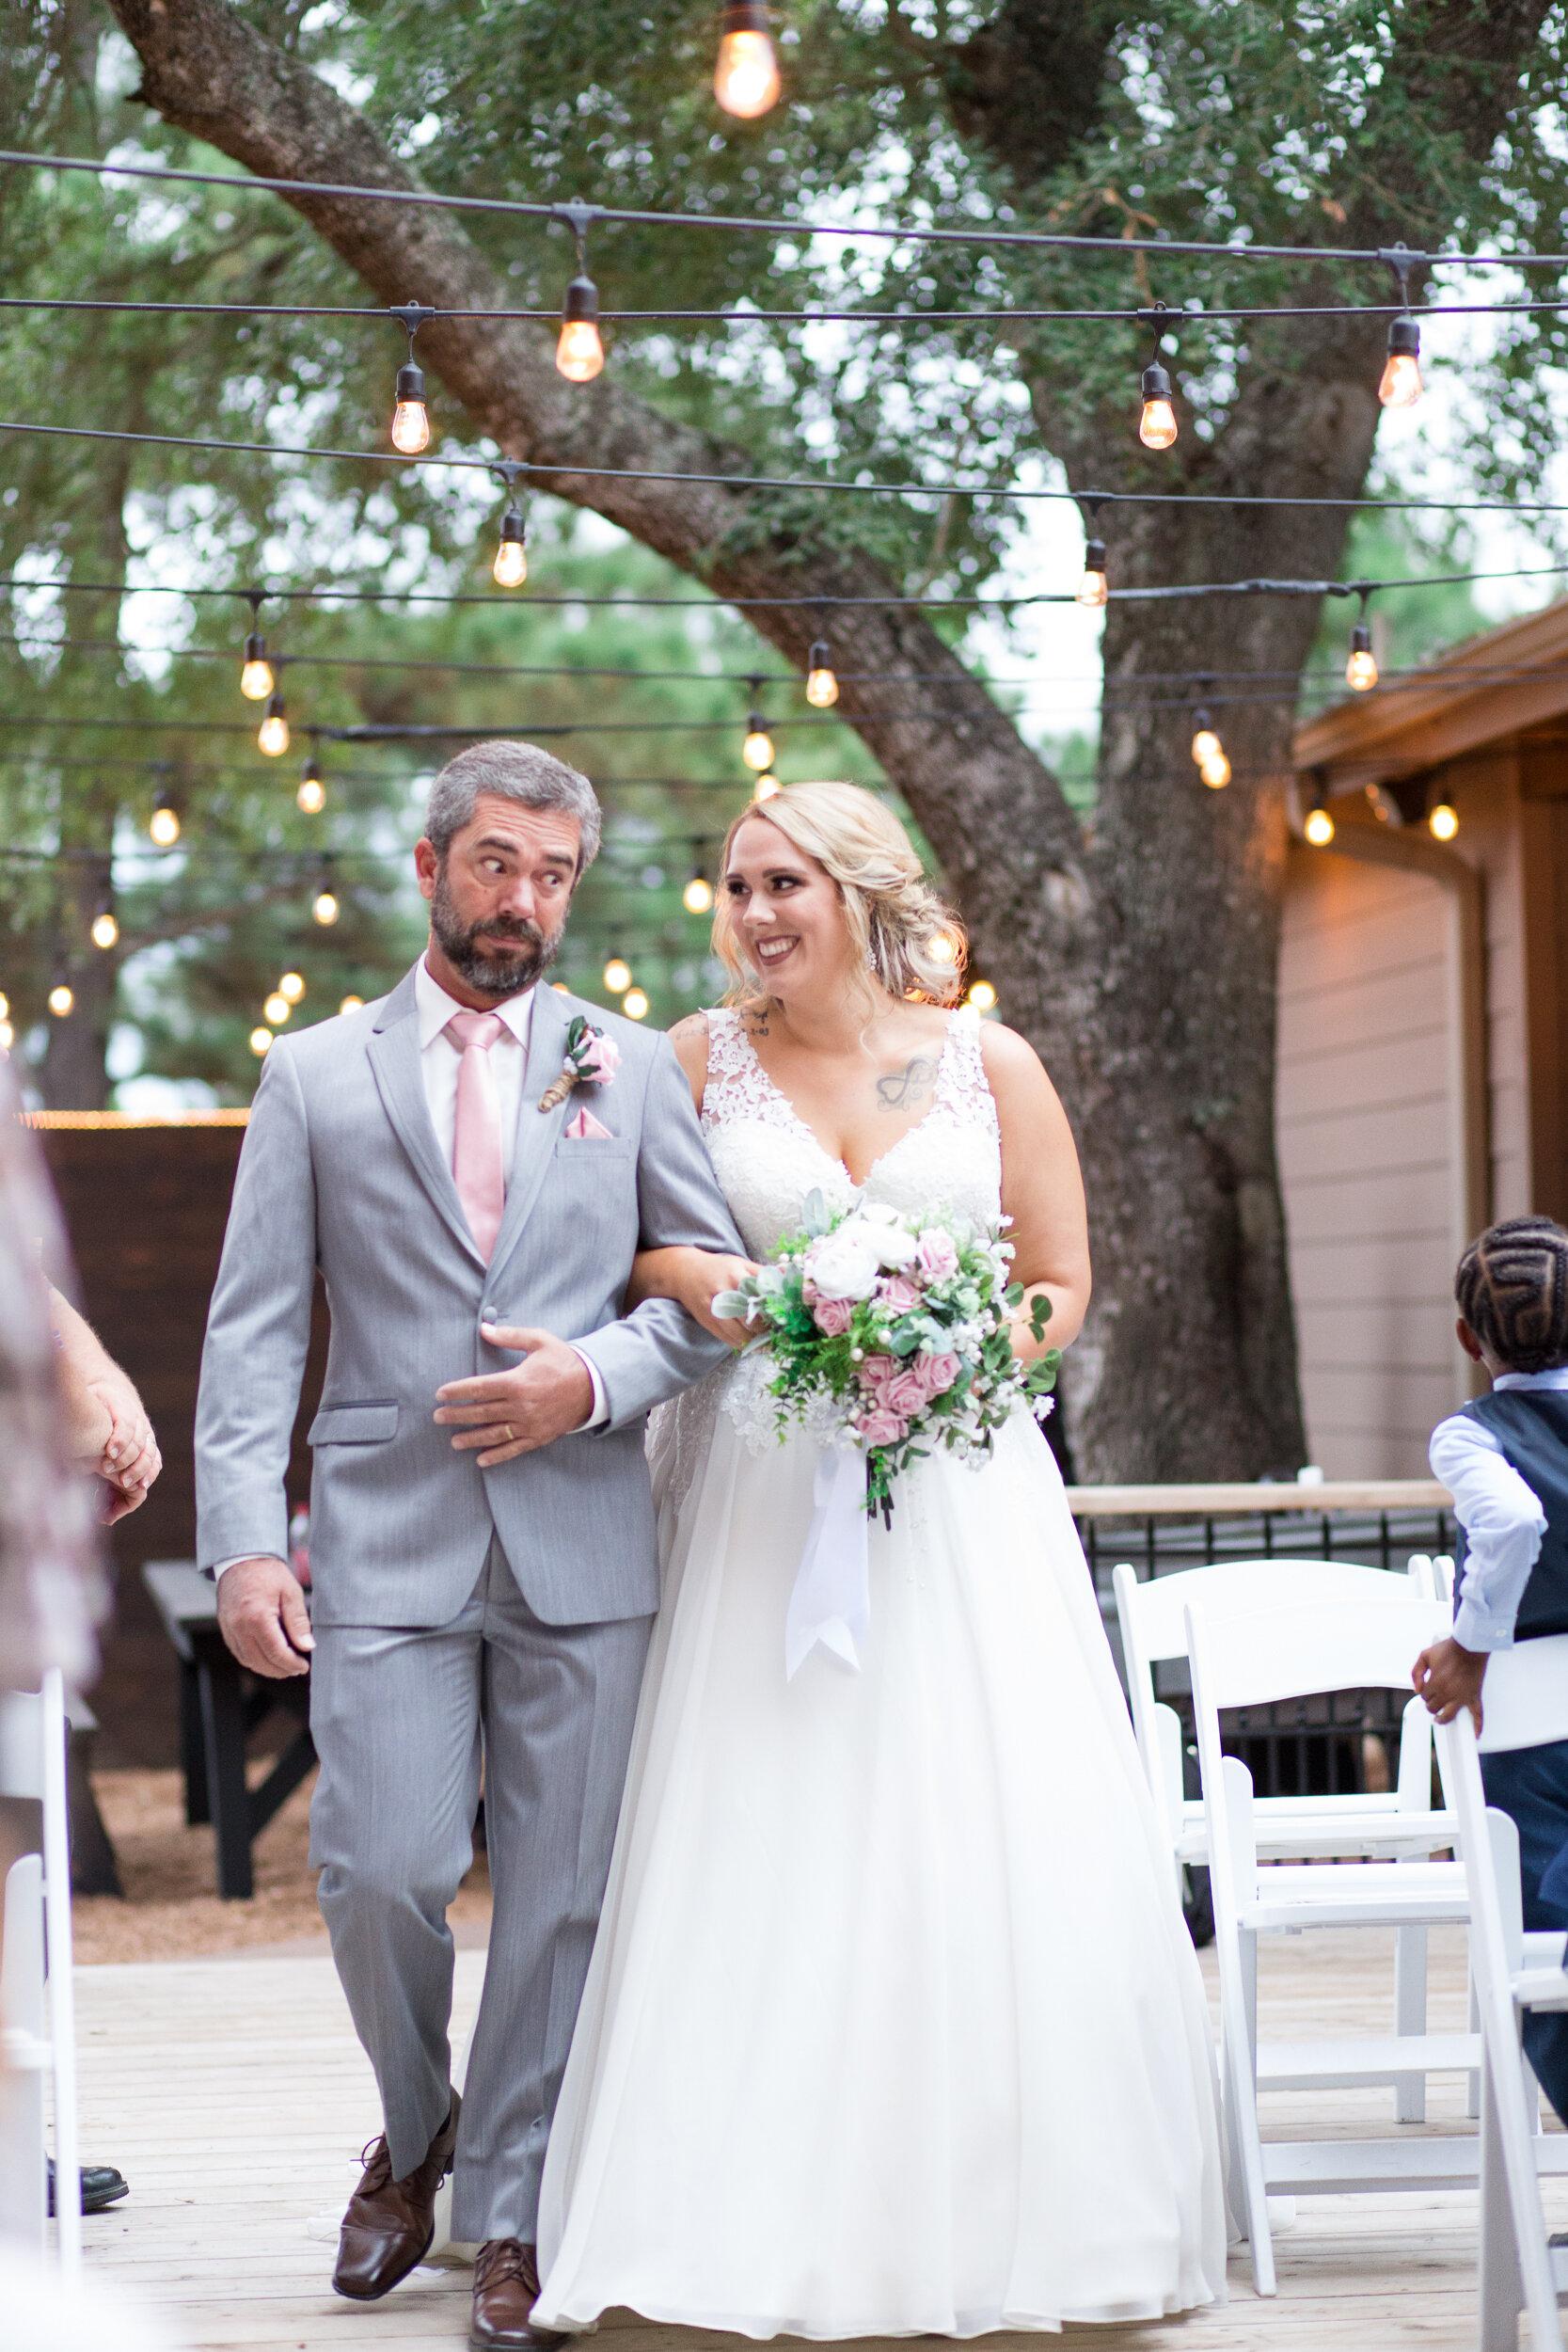 Emanuel-Wedding_kelsiehendricksphotography-68.jpg